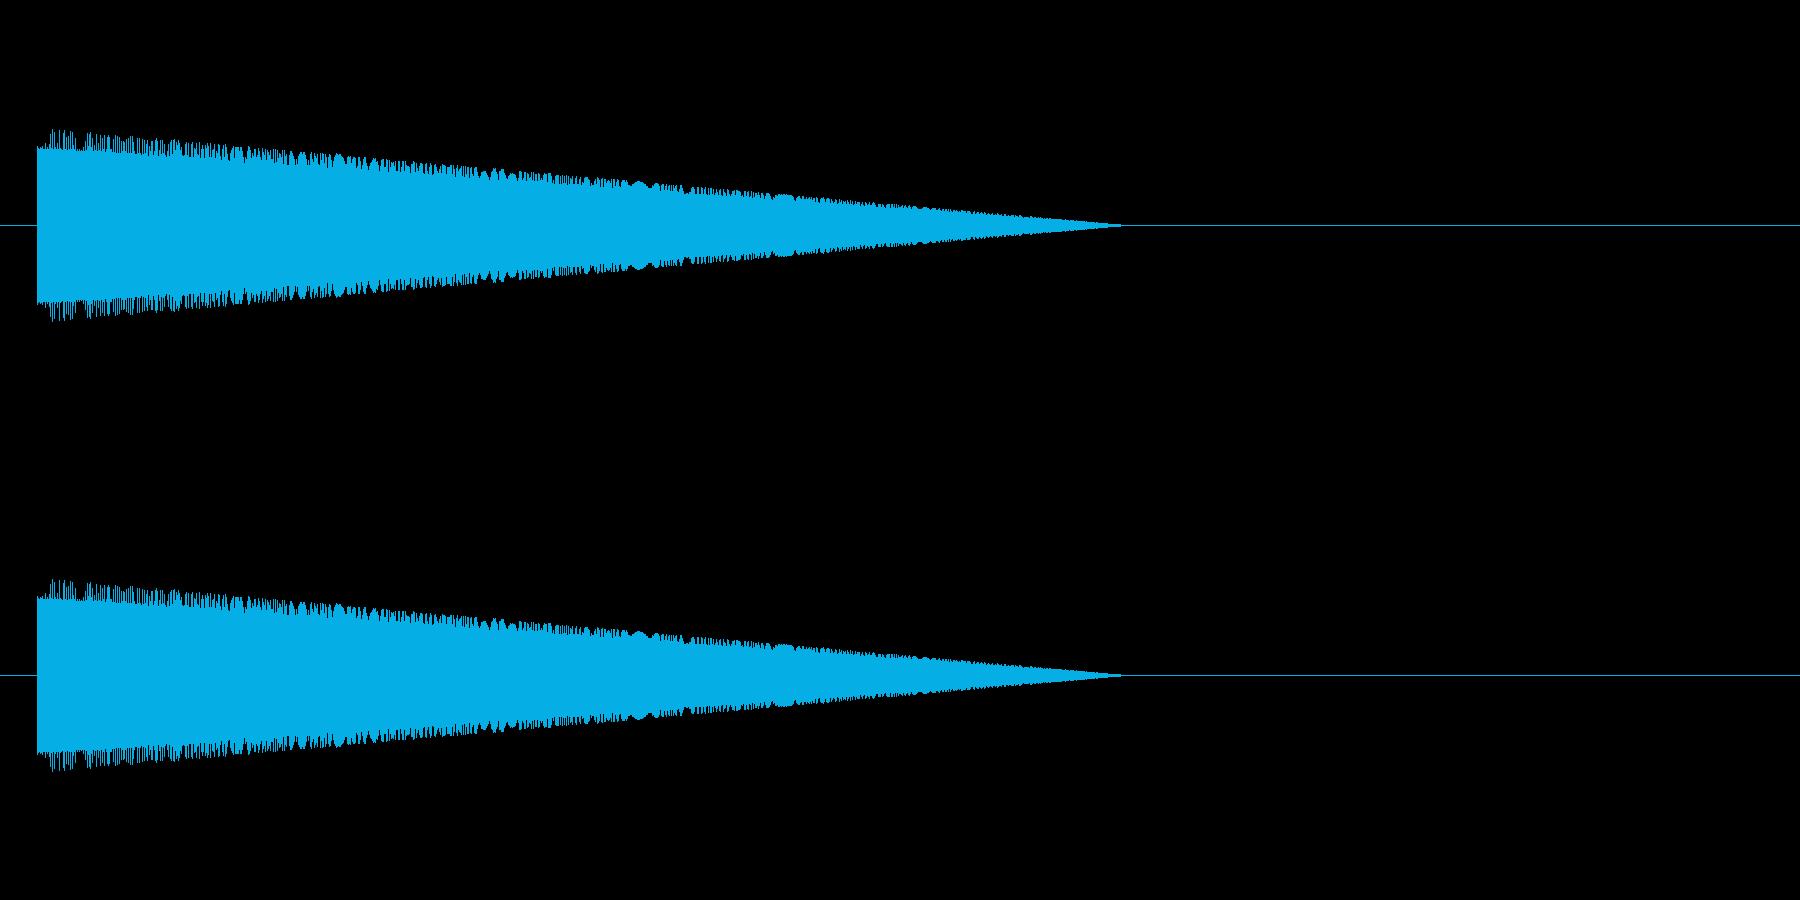 脱力・レトロゲーム風・コミカルな音#2の再生済みの波形